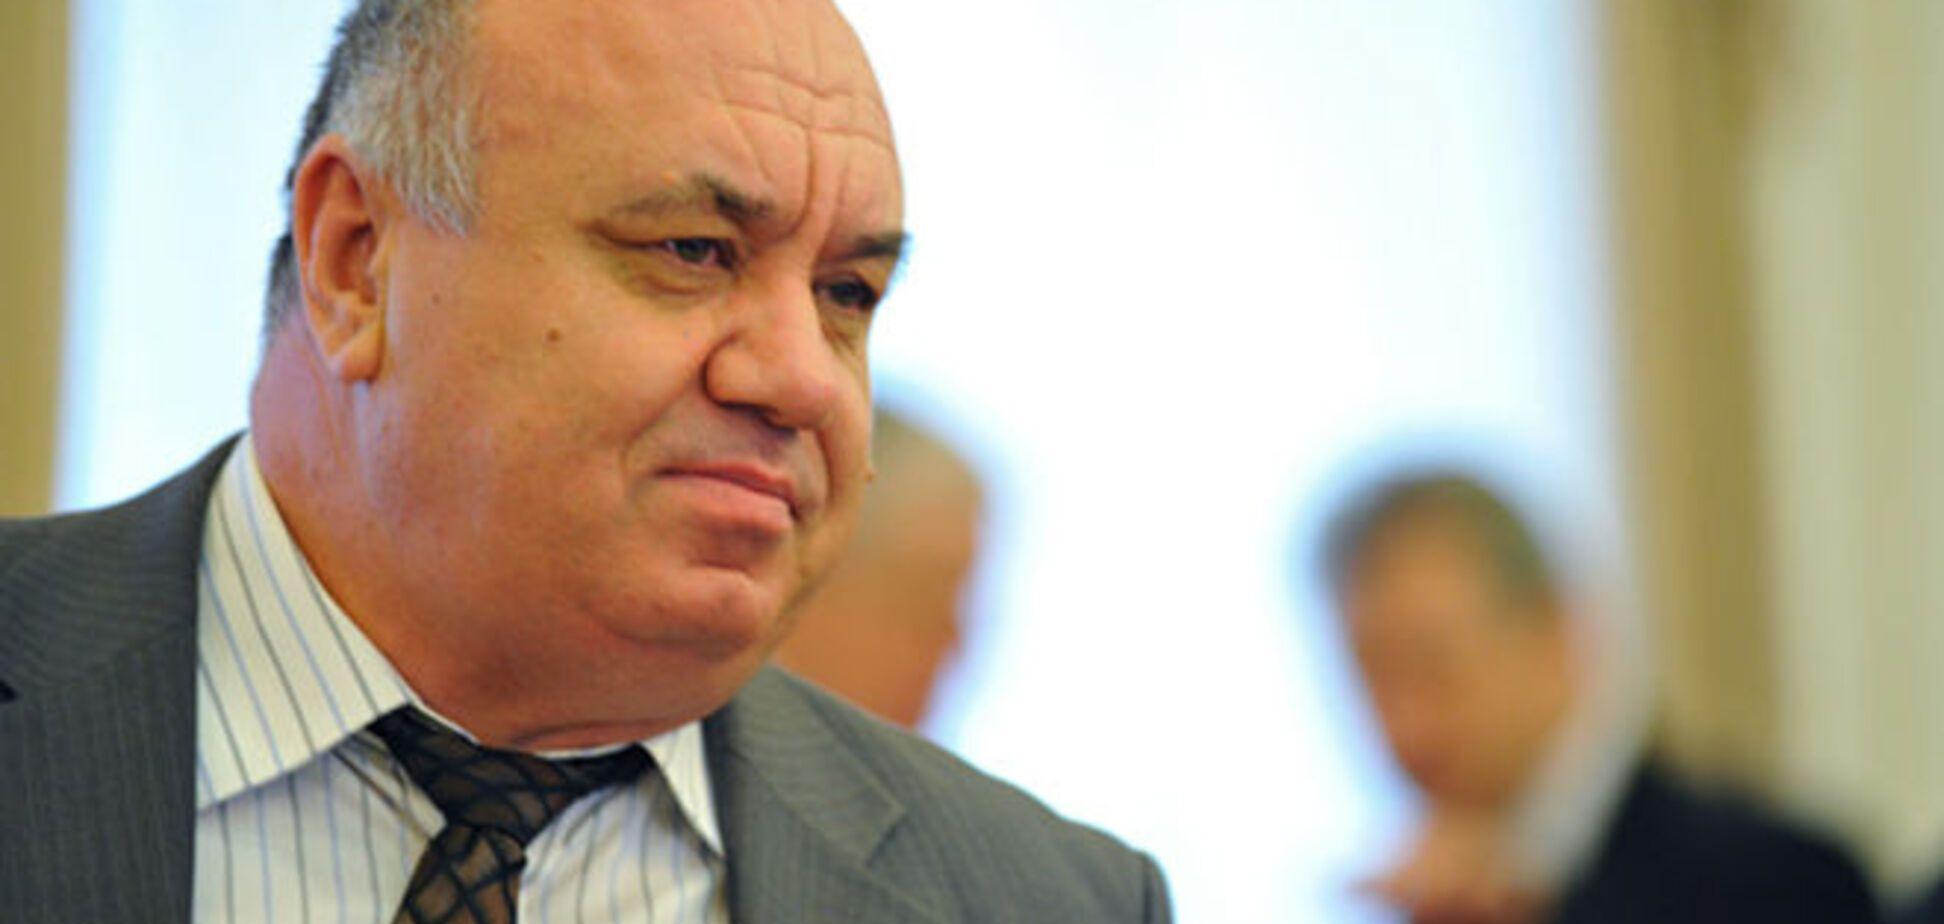 Проти екс-глави Антимонопольного комітету Цушко розпочато кримінальну справу